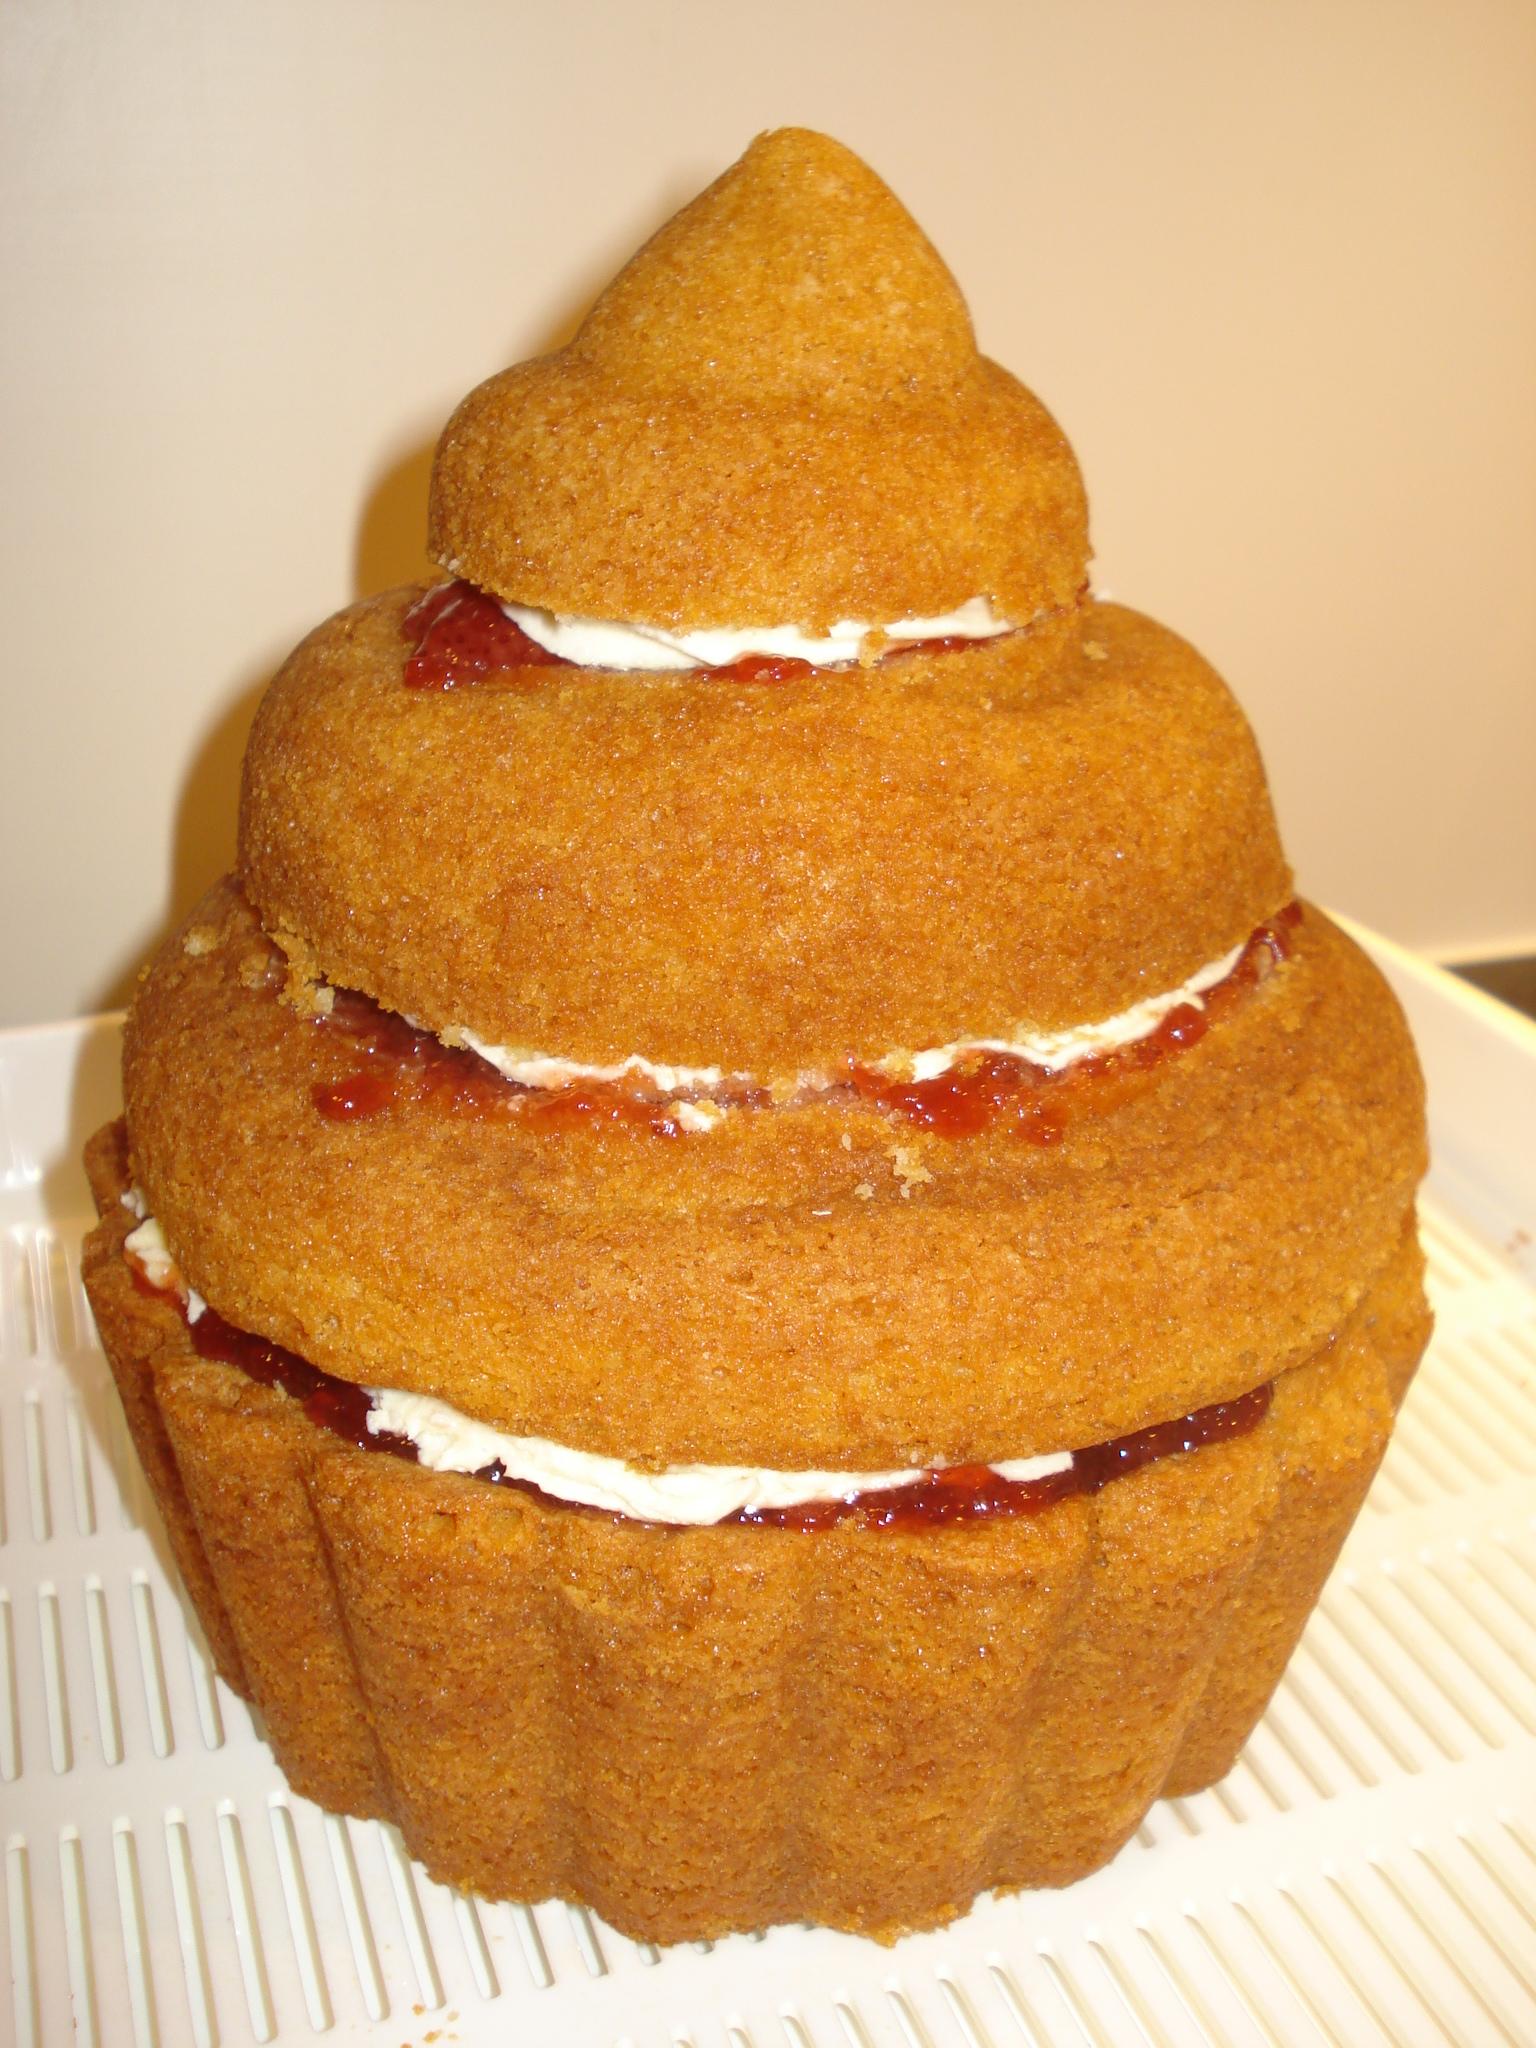 My giant birthday cupcake – CAKES BY LIZZIE, EDINBURGH